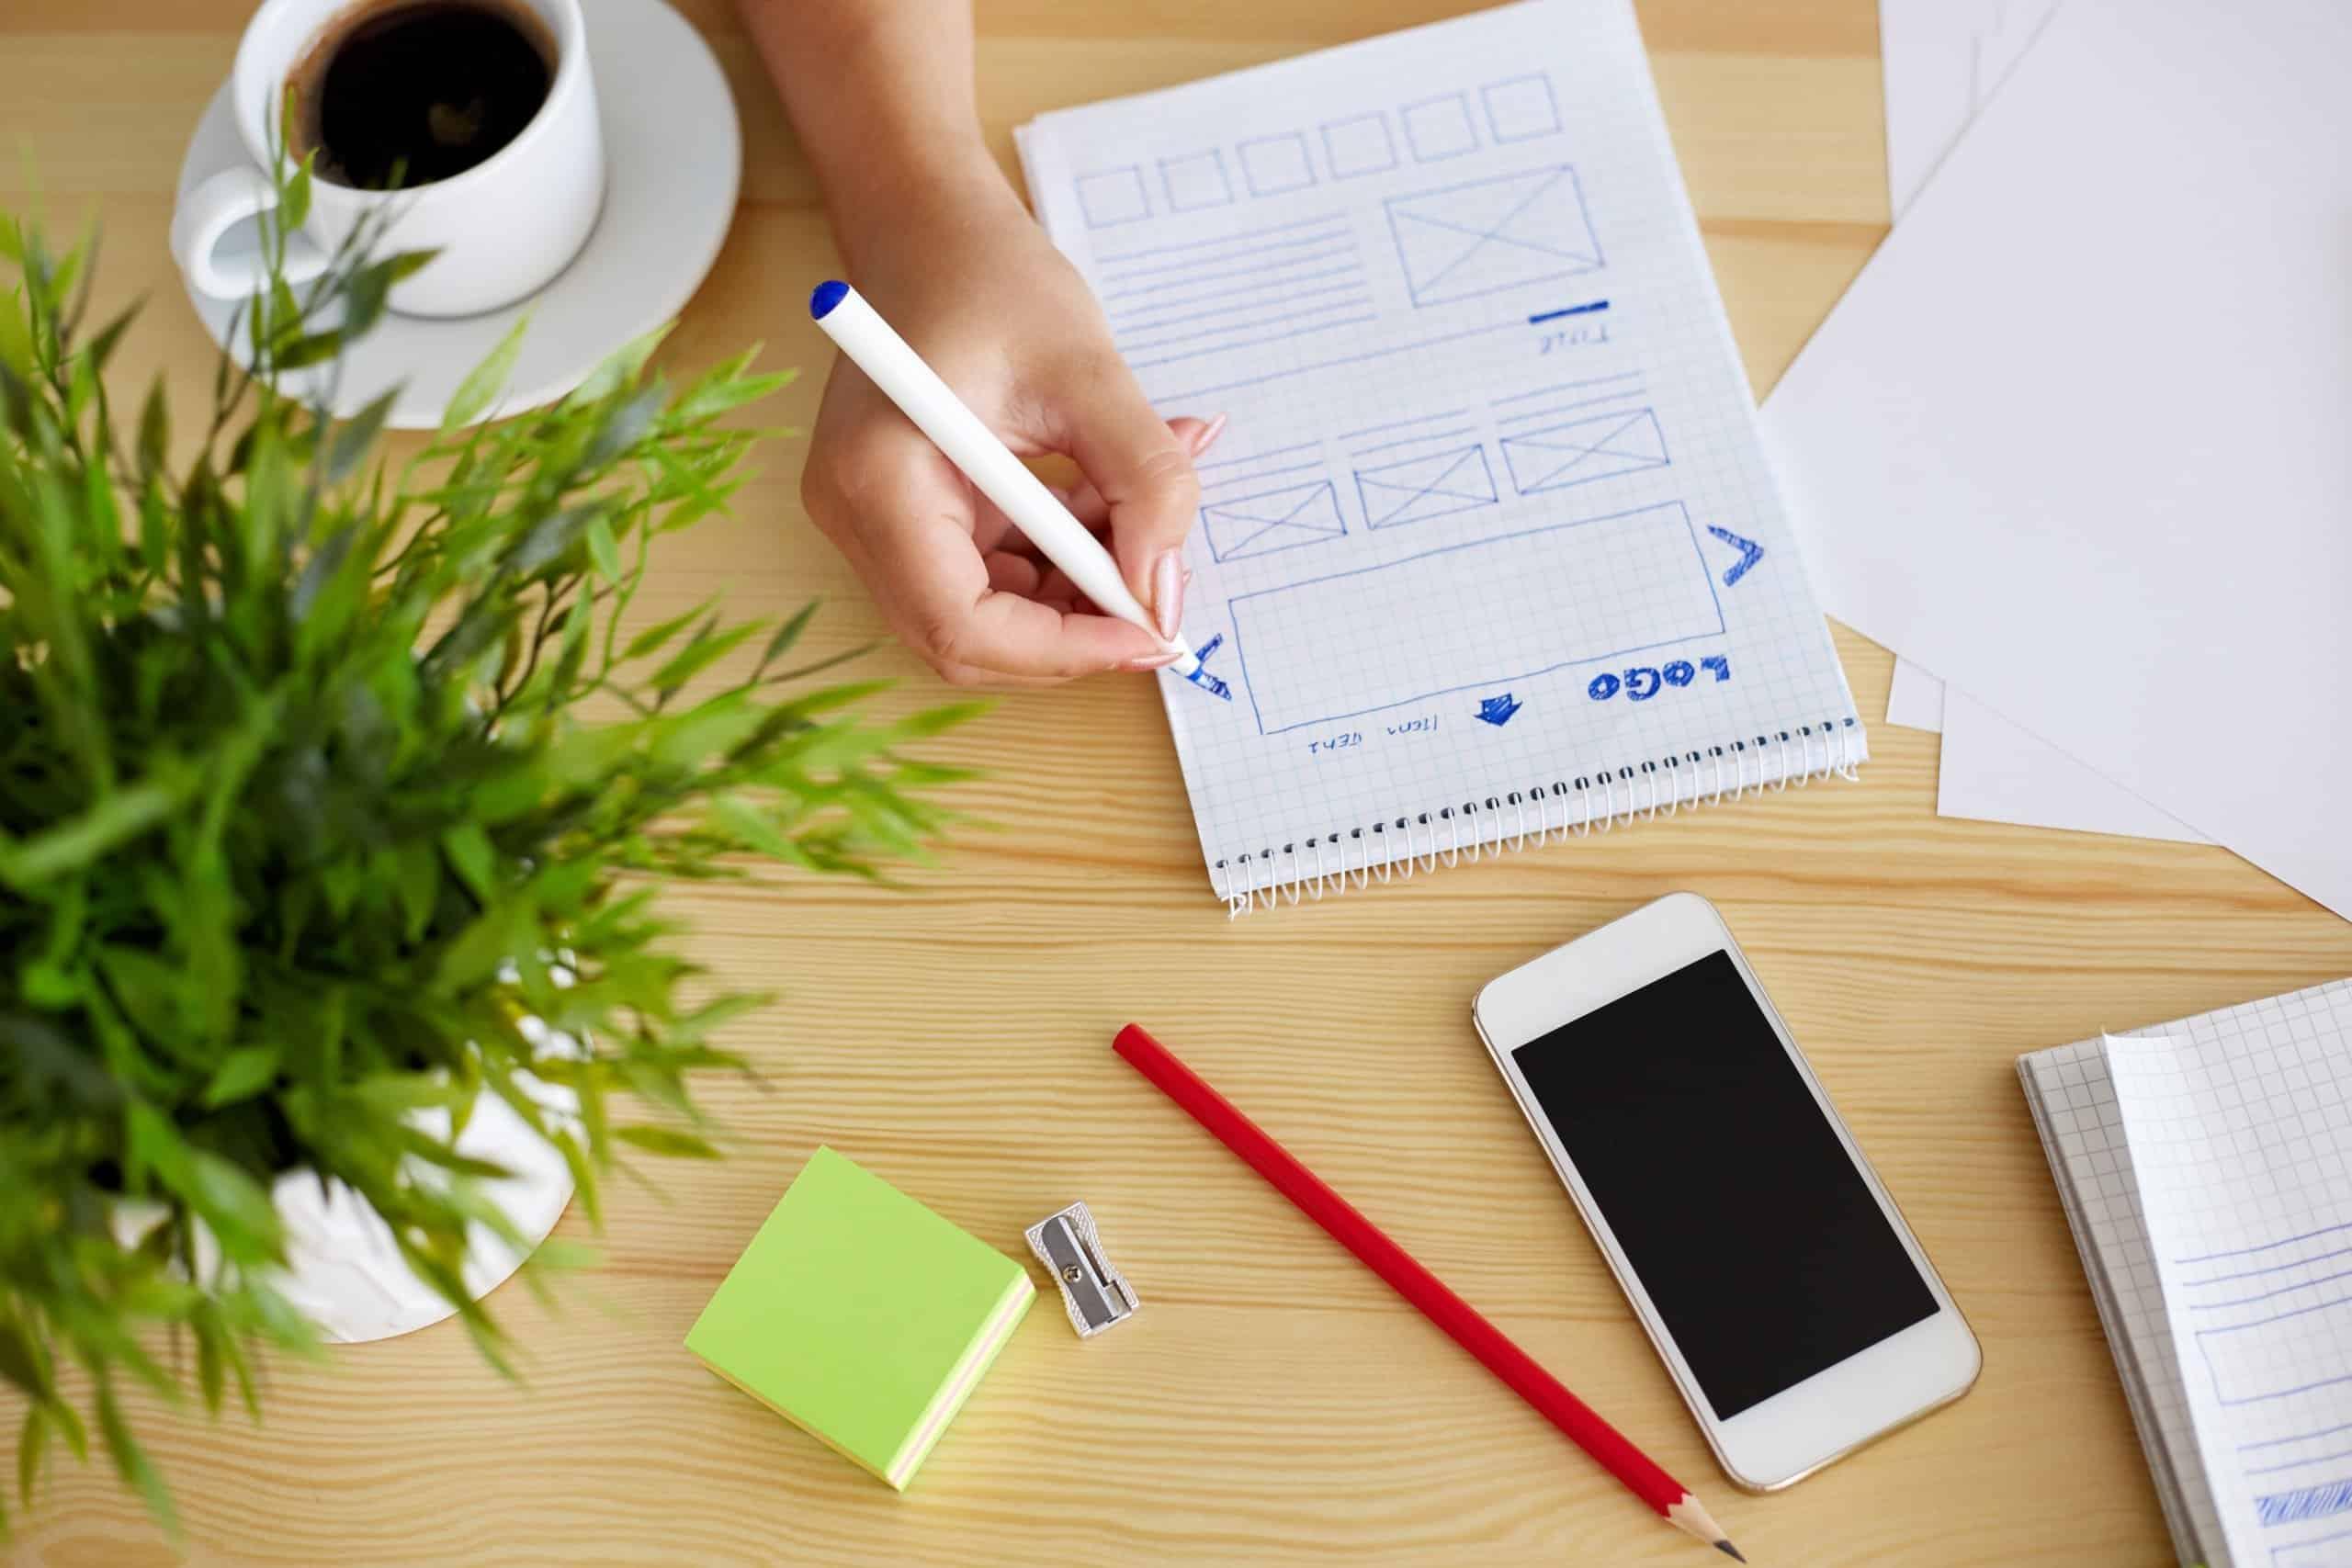 Responsive design brings more sales